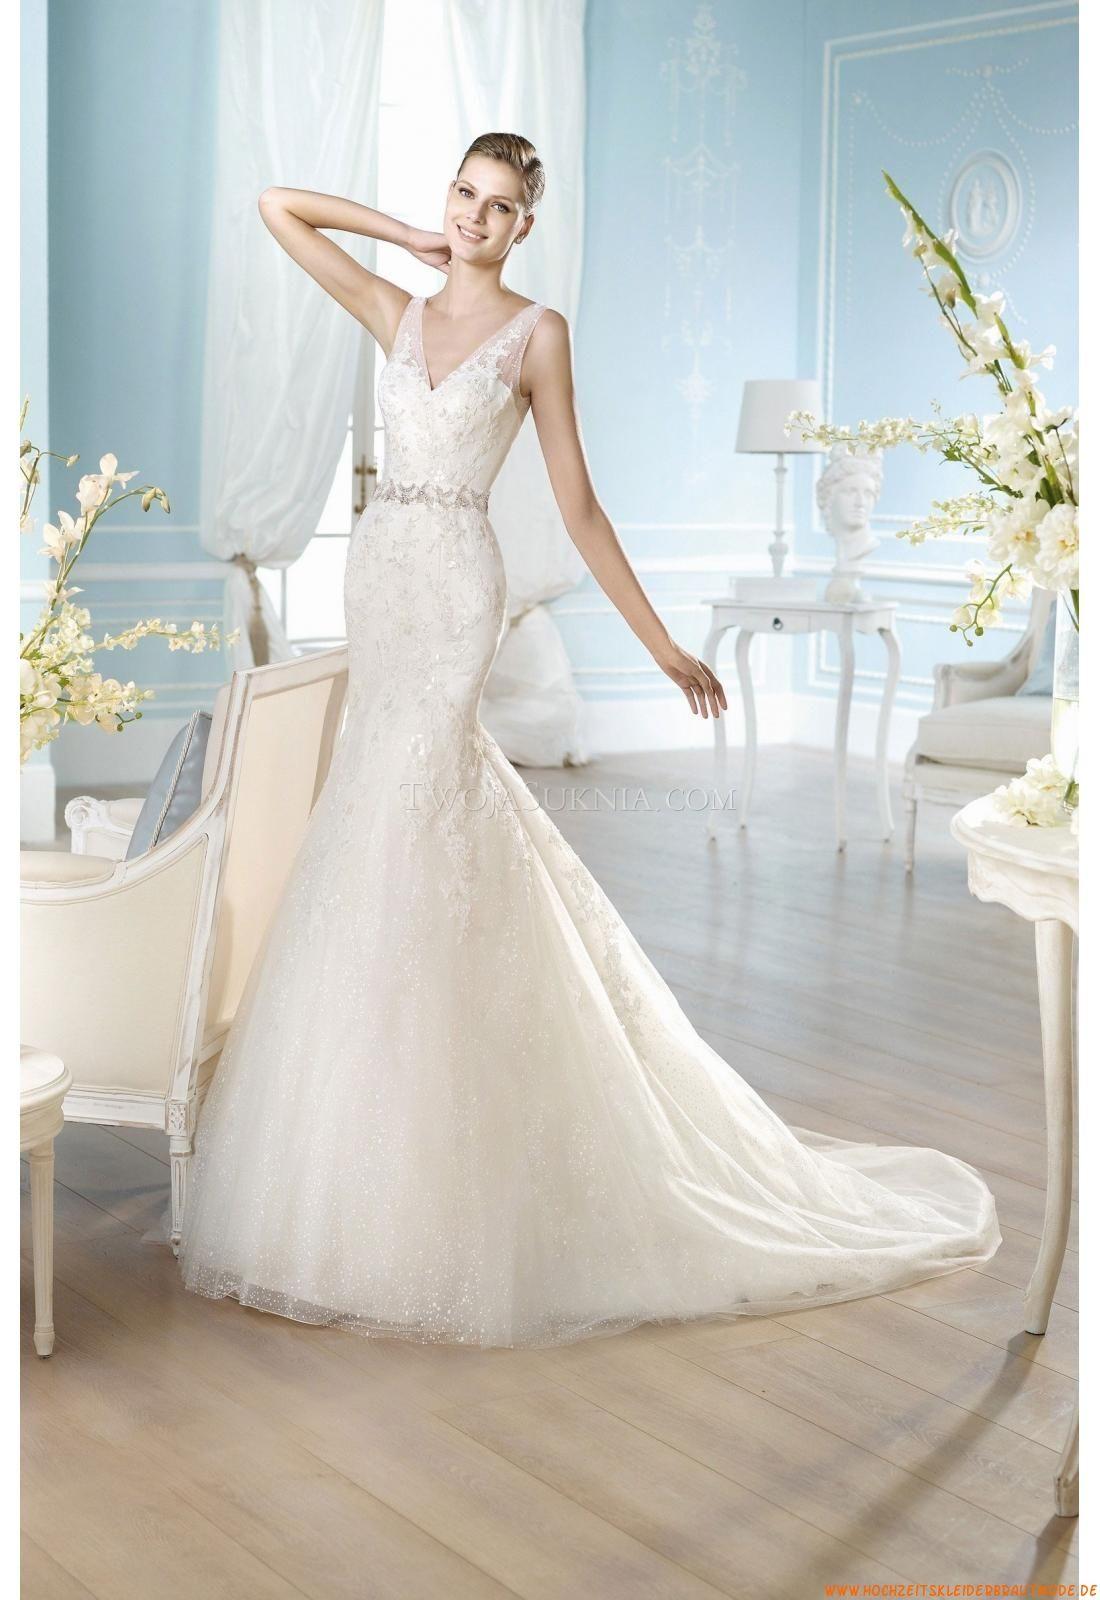 Applikation Brautkleider 2014 | brautmode ausverkauf | Pinterest ...